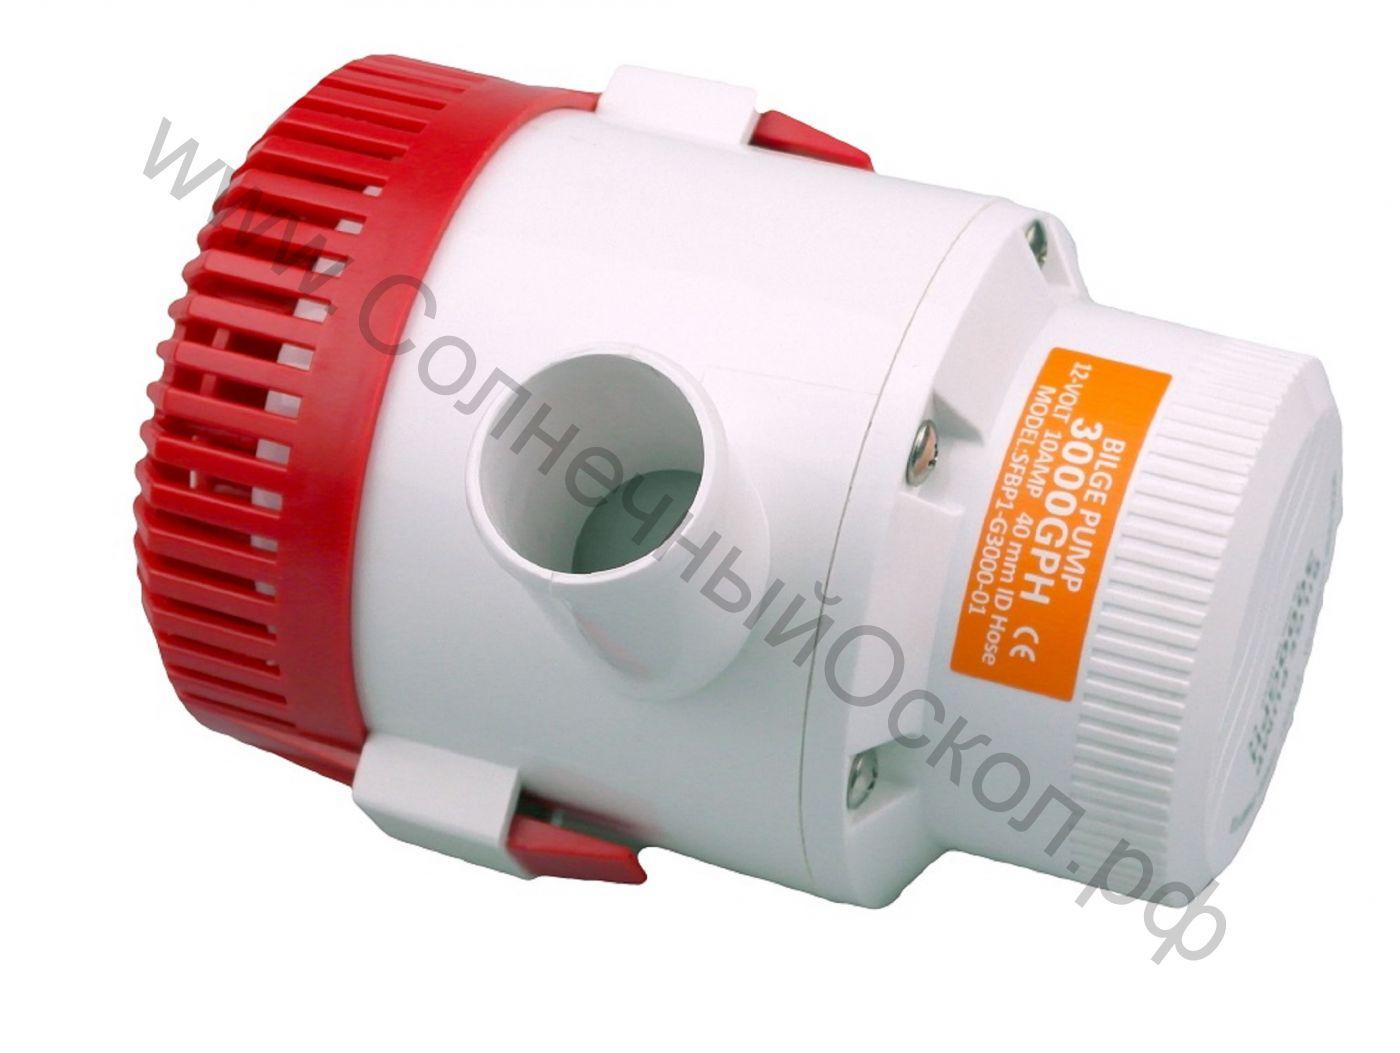 SFBP1-G3000-01 12V